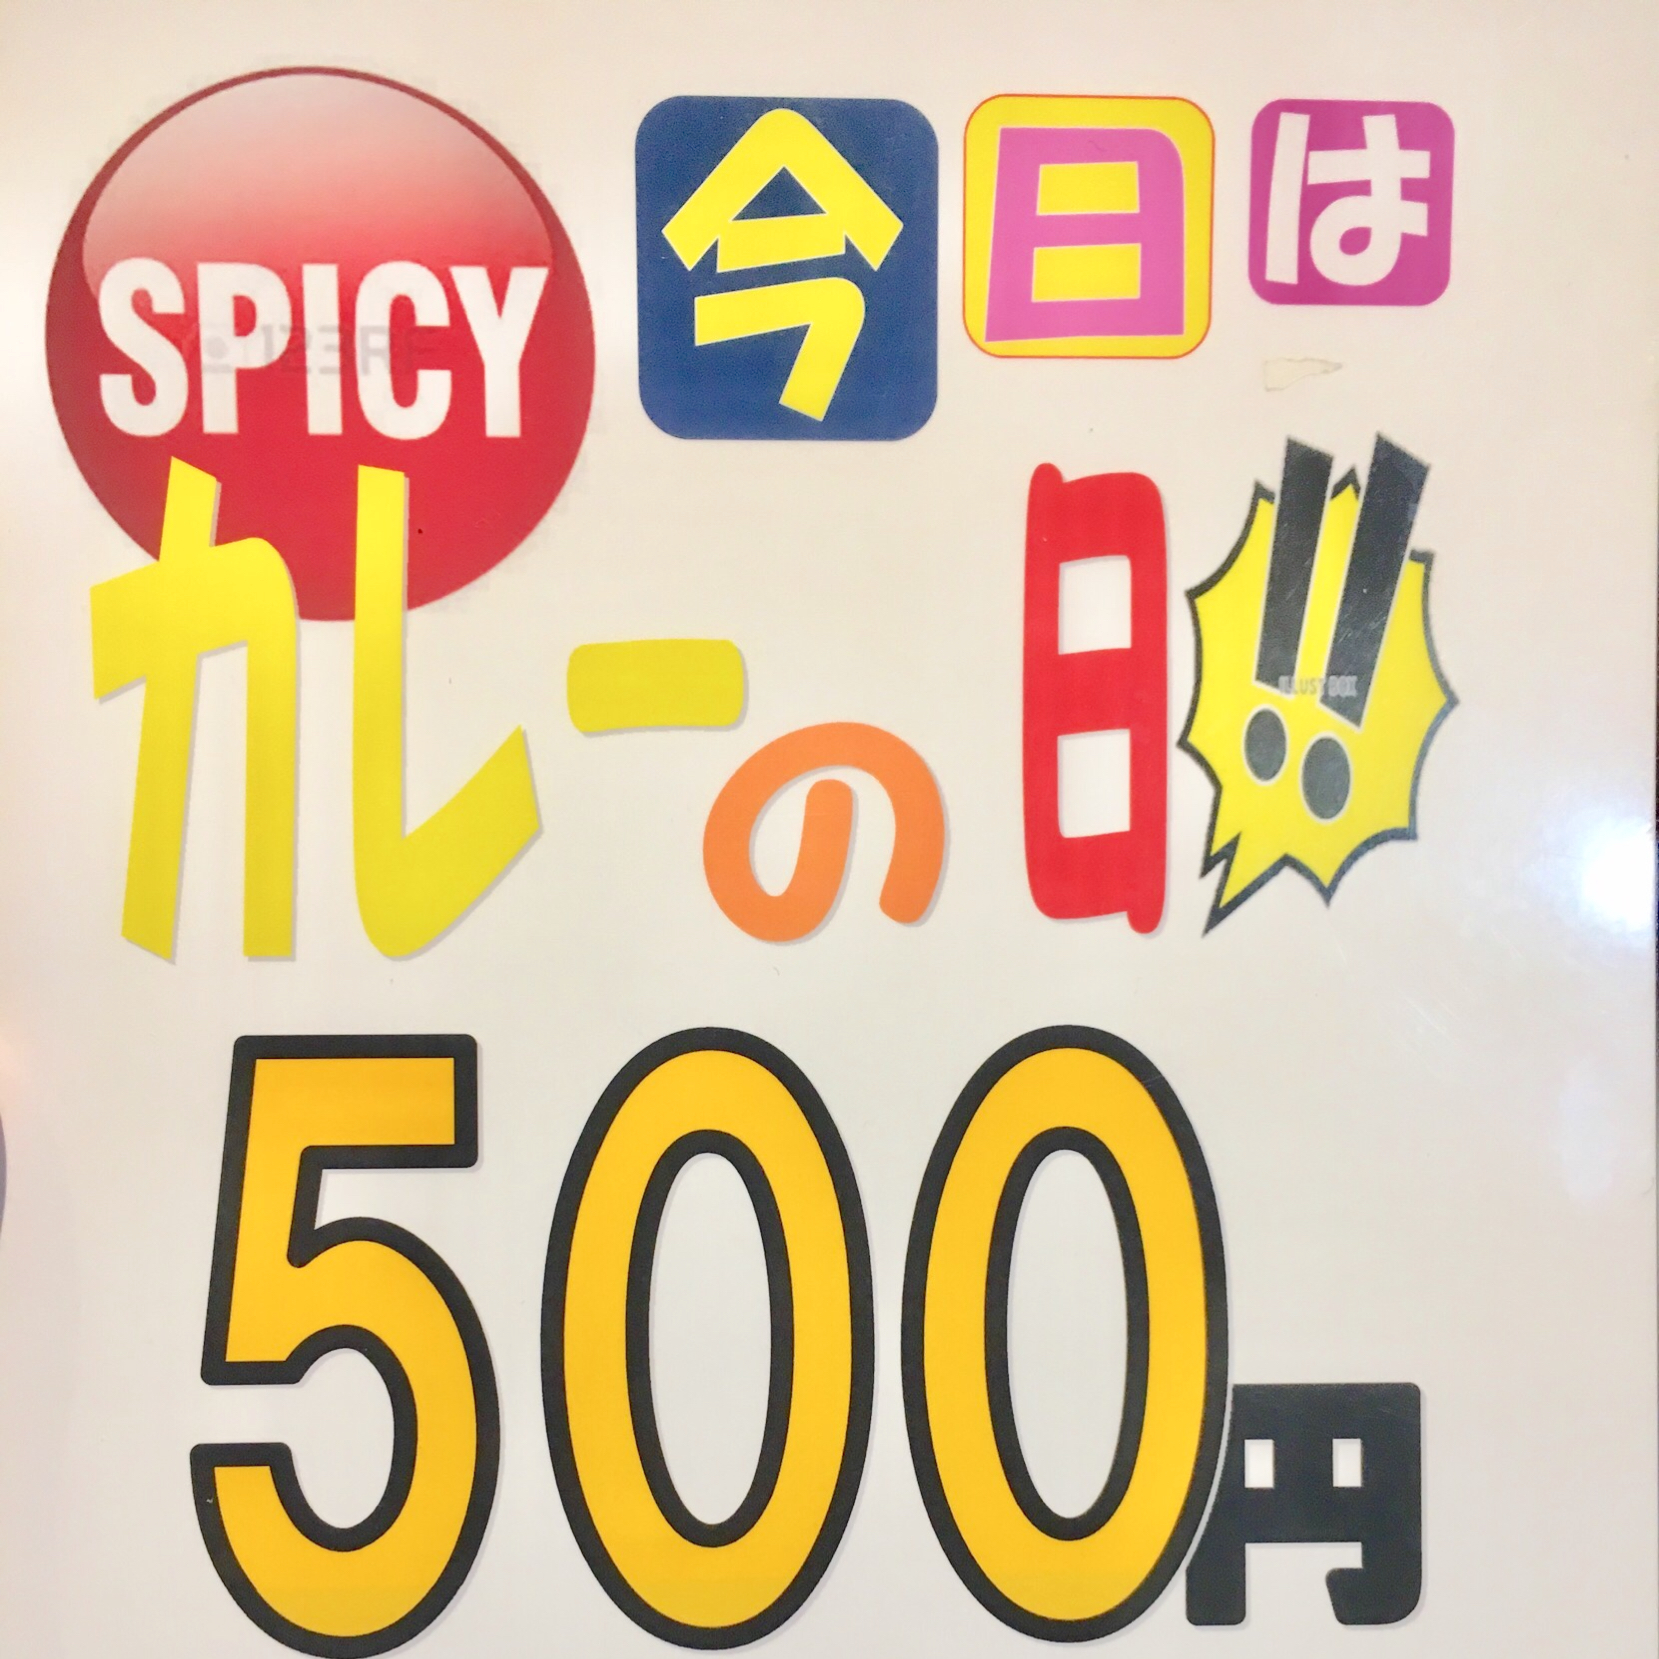 【黄金の牛上尾店】水曜日ランチはカレーがワンコインで食べられる!